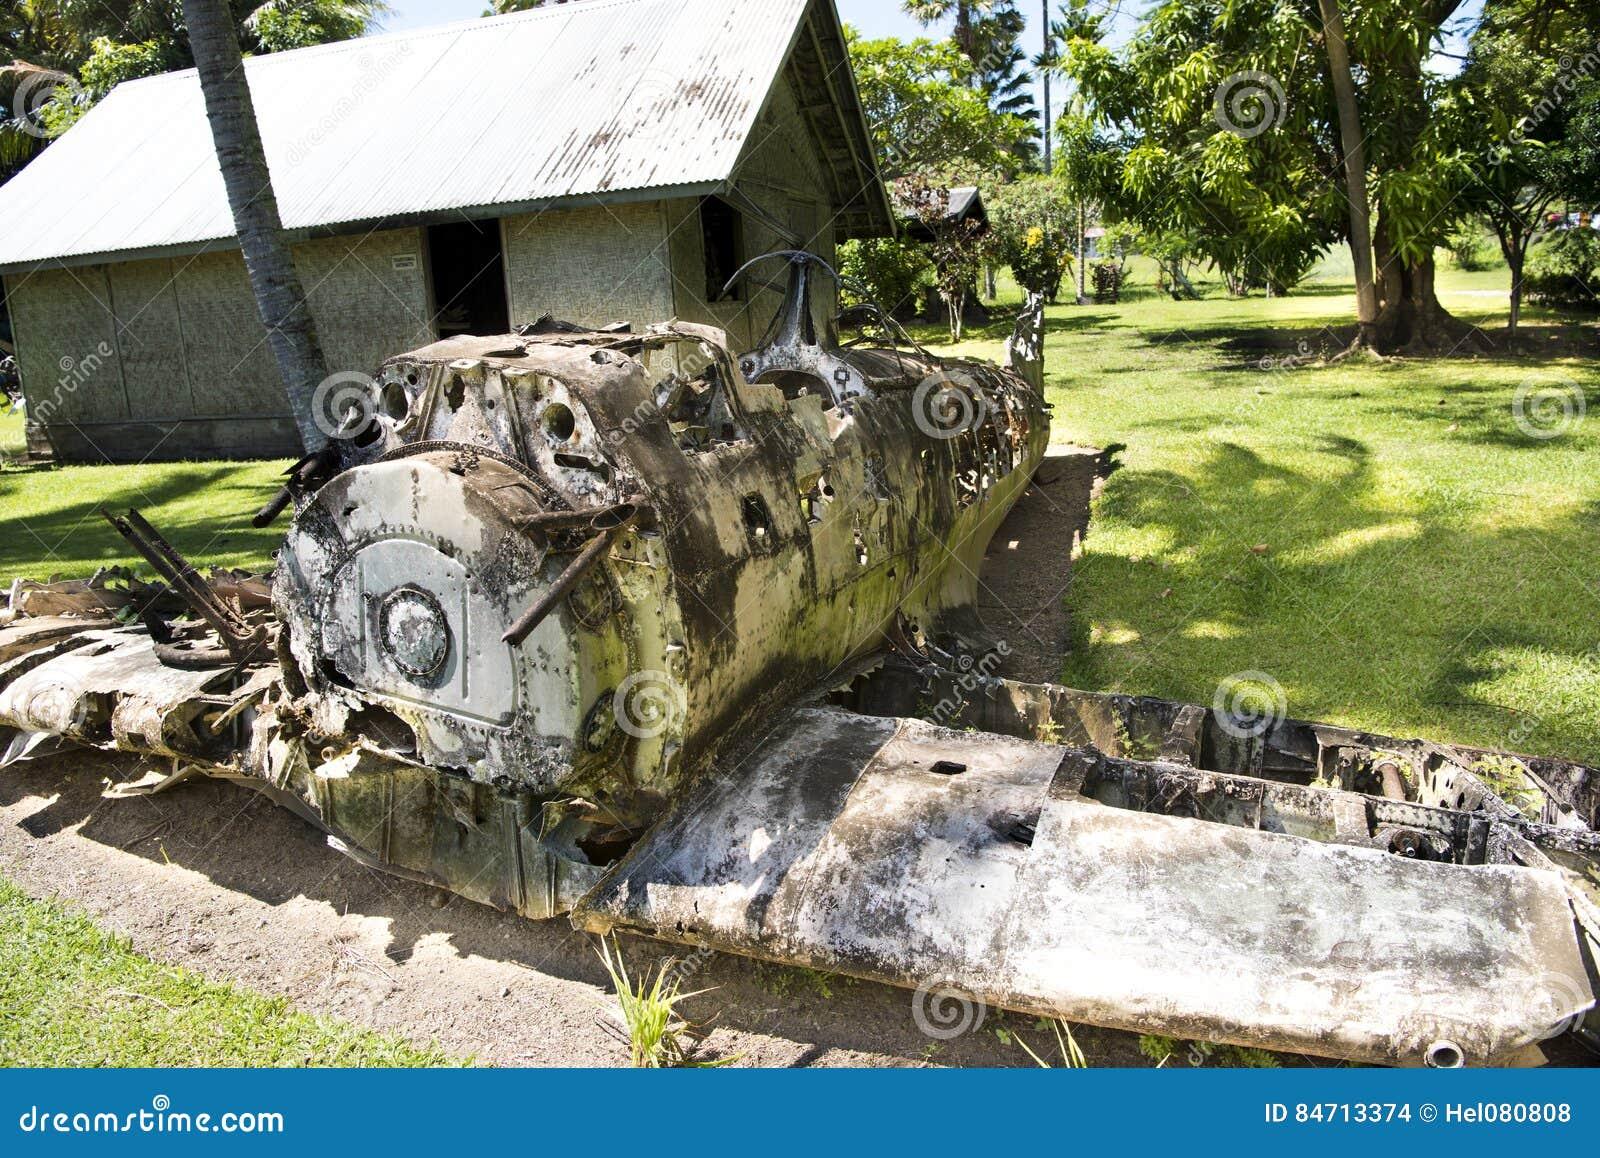 Elicottero 2 Guerra Mondiale : Aerei della seconda guerra mondiale rabaul fotografia